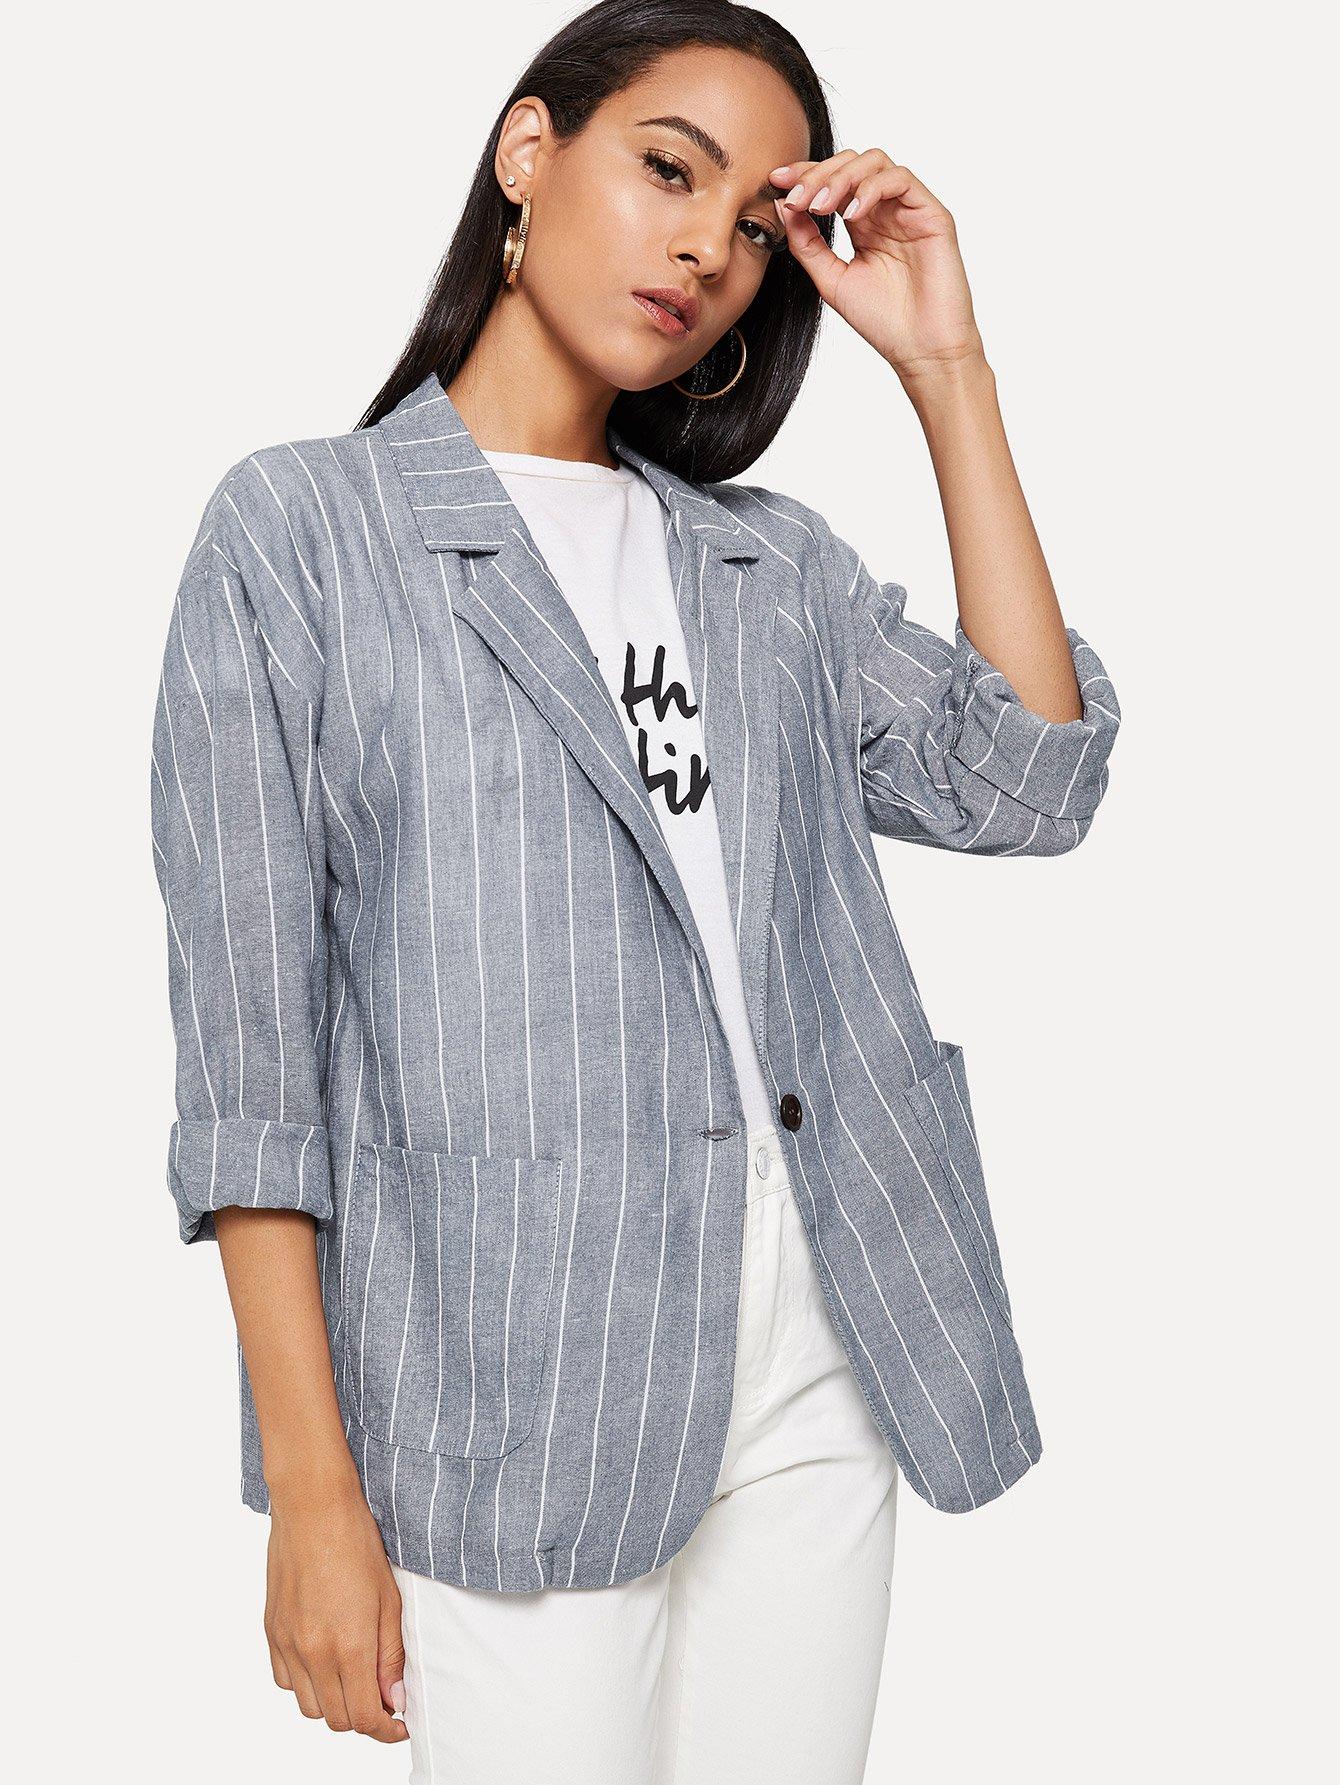 Подолсатый пиджак и с украшением двух кармана, Kary, SheIn  - купить со скидкой